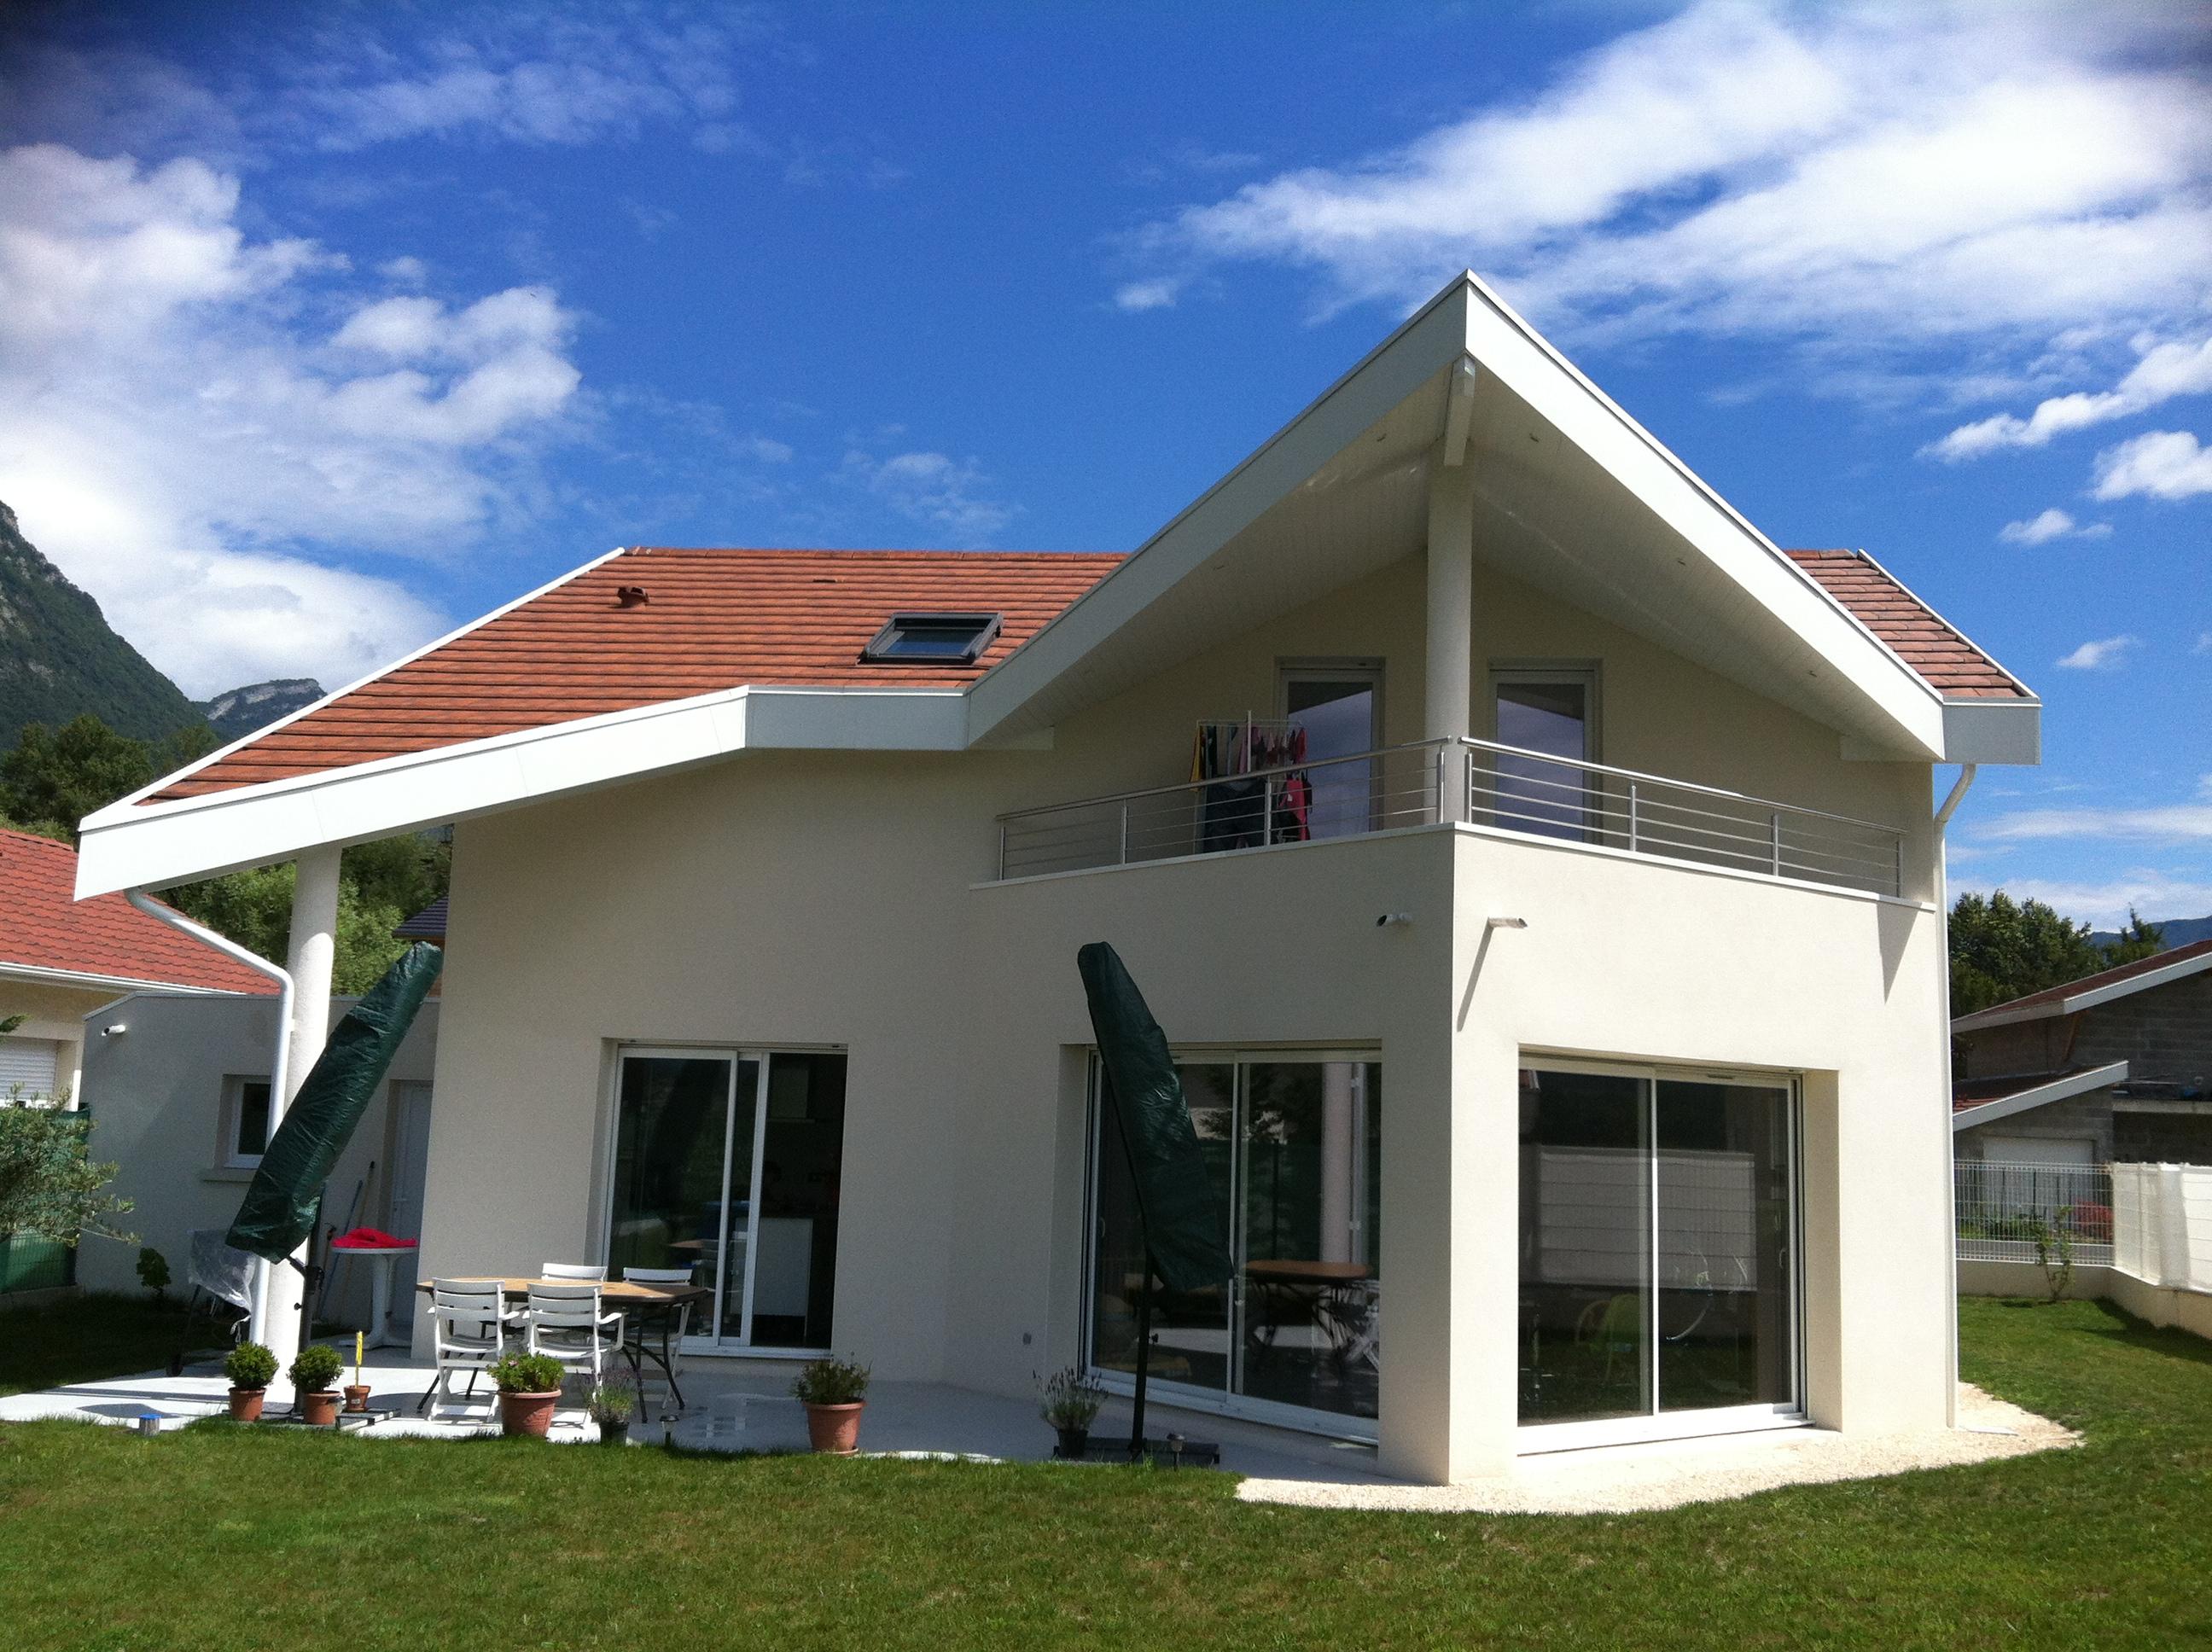 Ide'Home  Cabinet de Maîtrise d'oeuvre en neuf et rénovation à ...